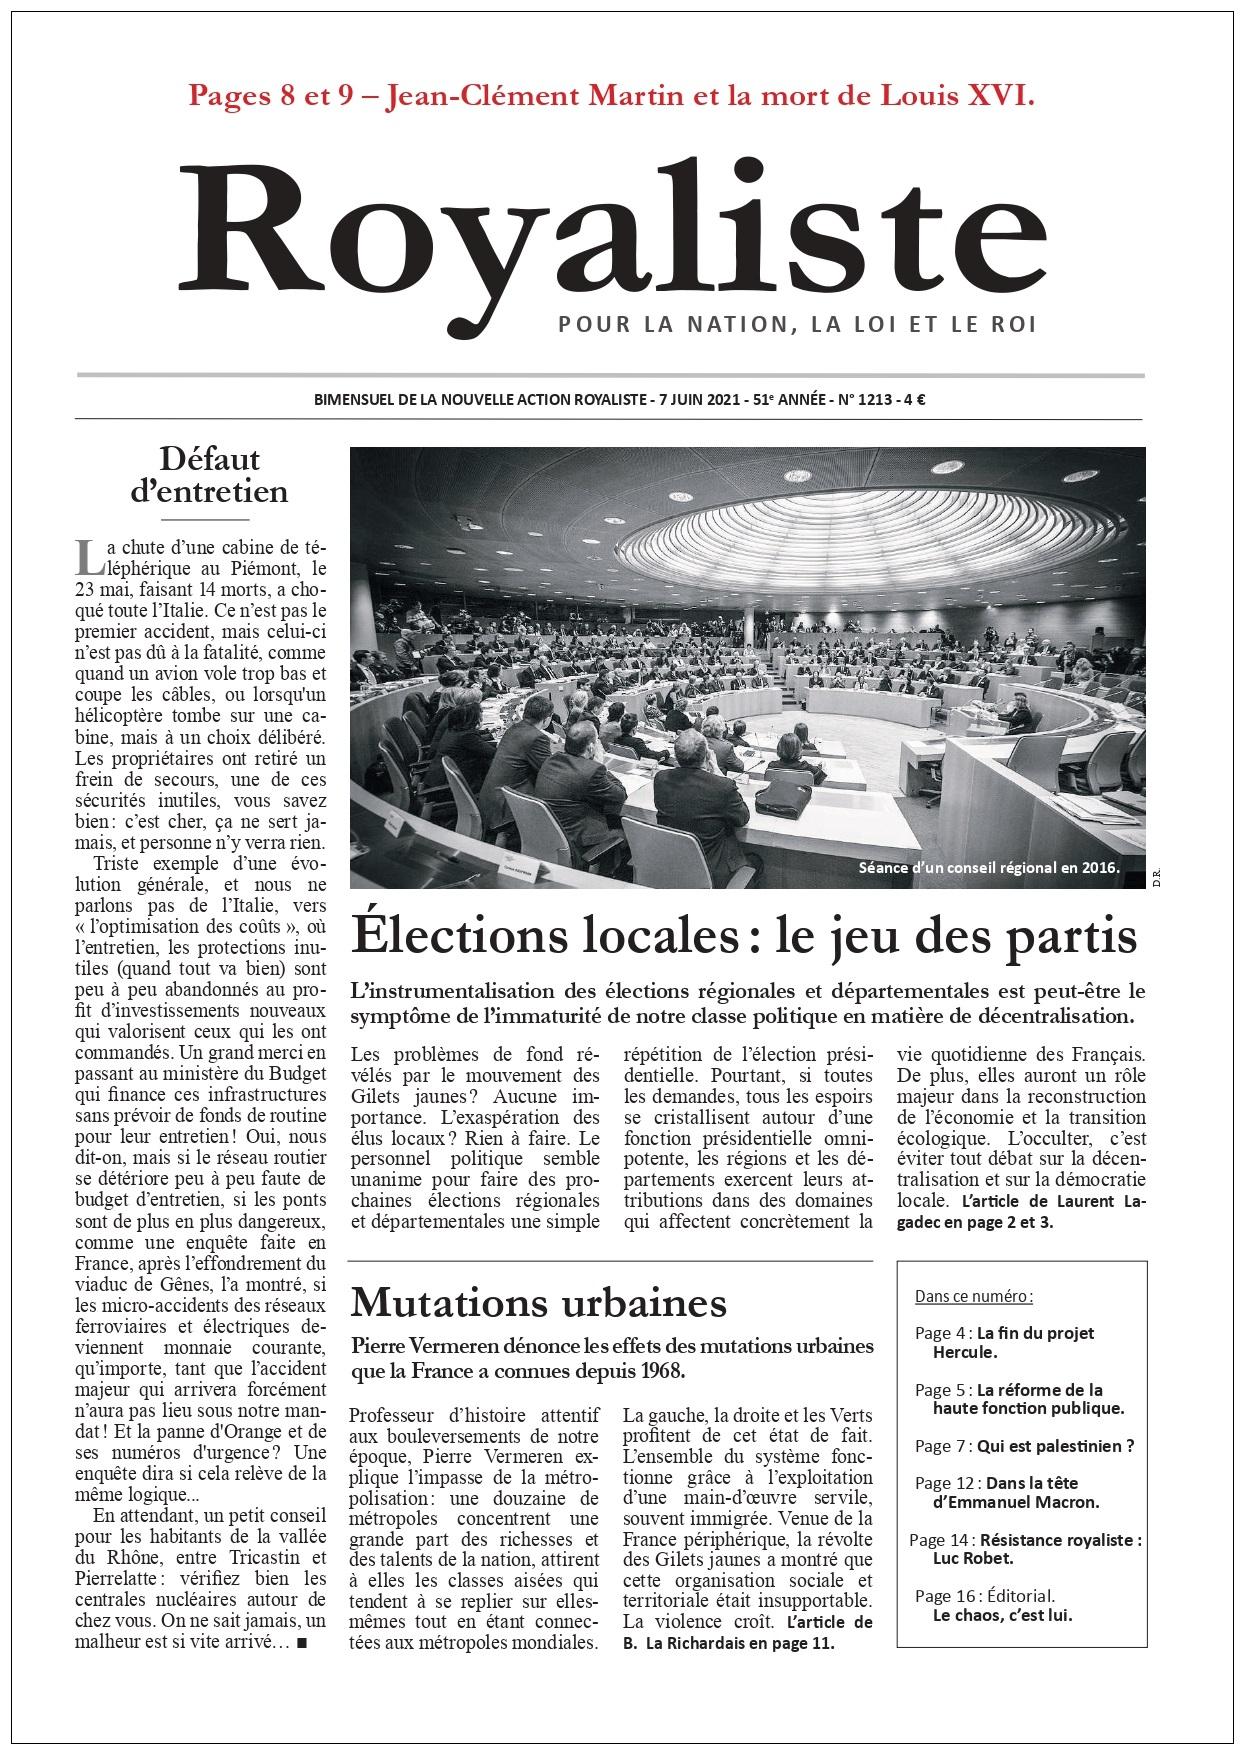 Elections locales : le jeu des partis | La Nouvelle Action Royaliste